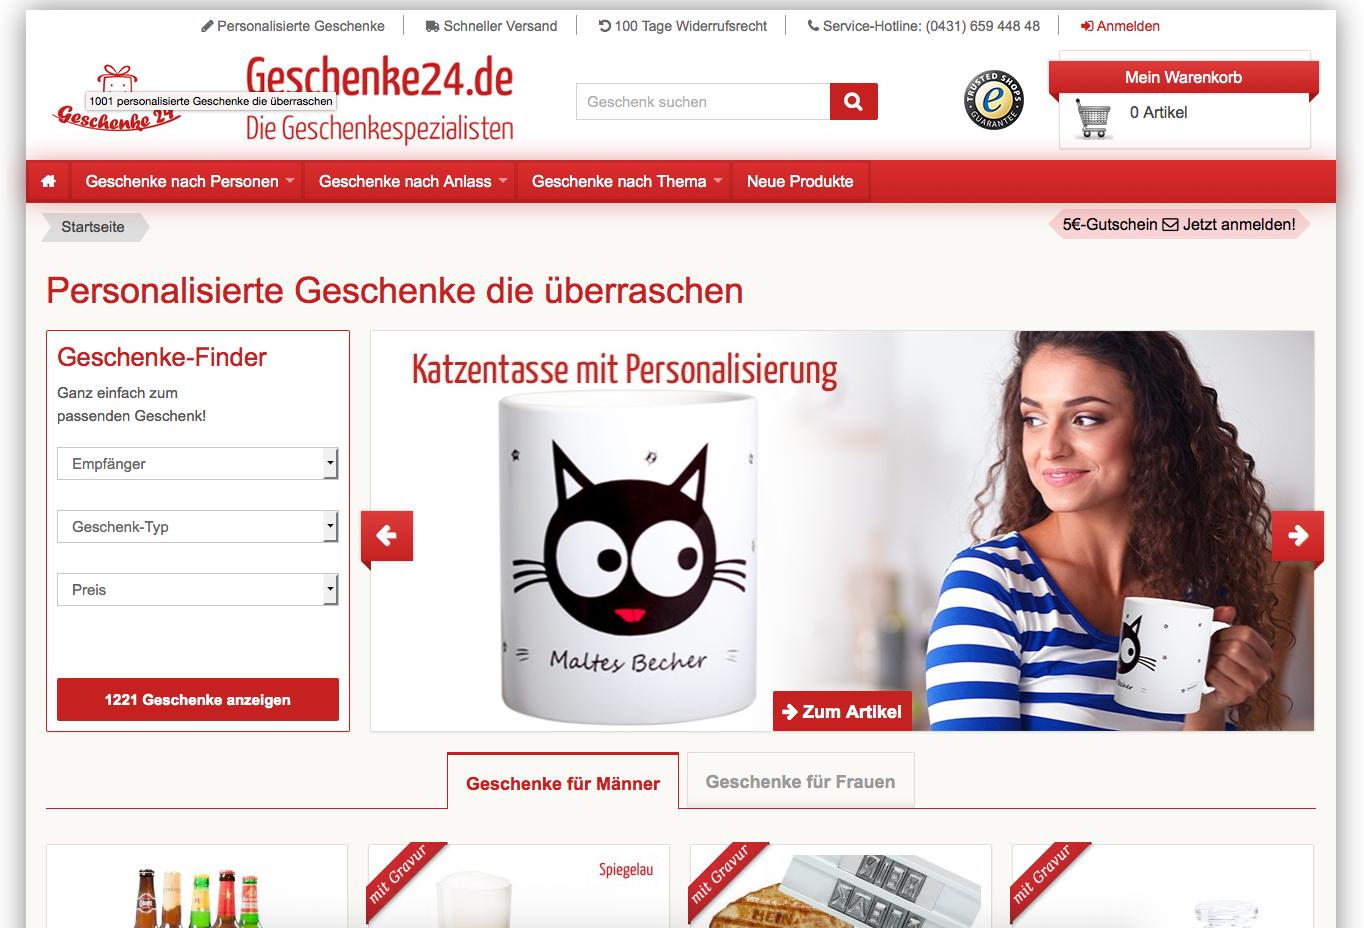 Geschenke24.de Gutschein